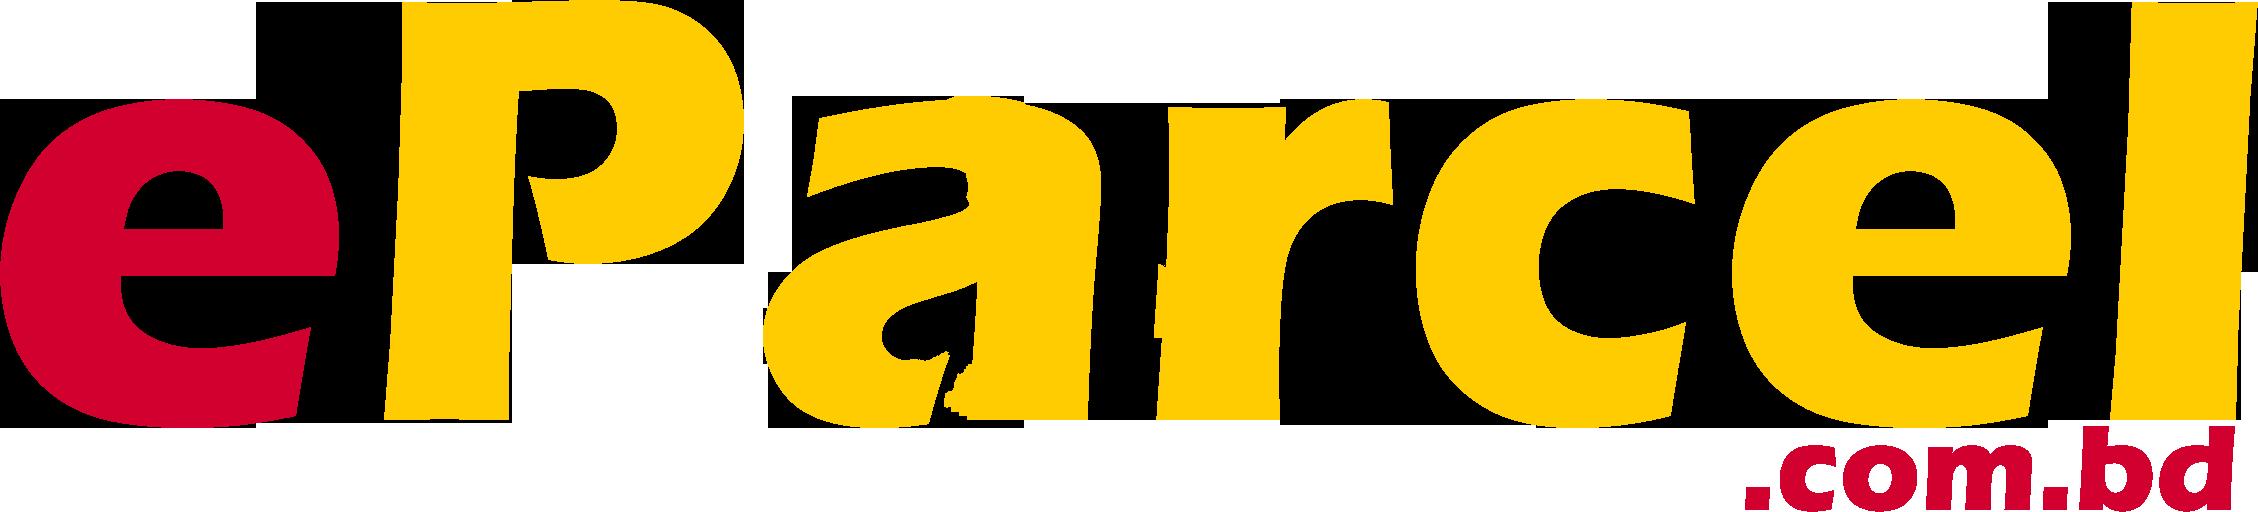 eParcel logo